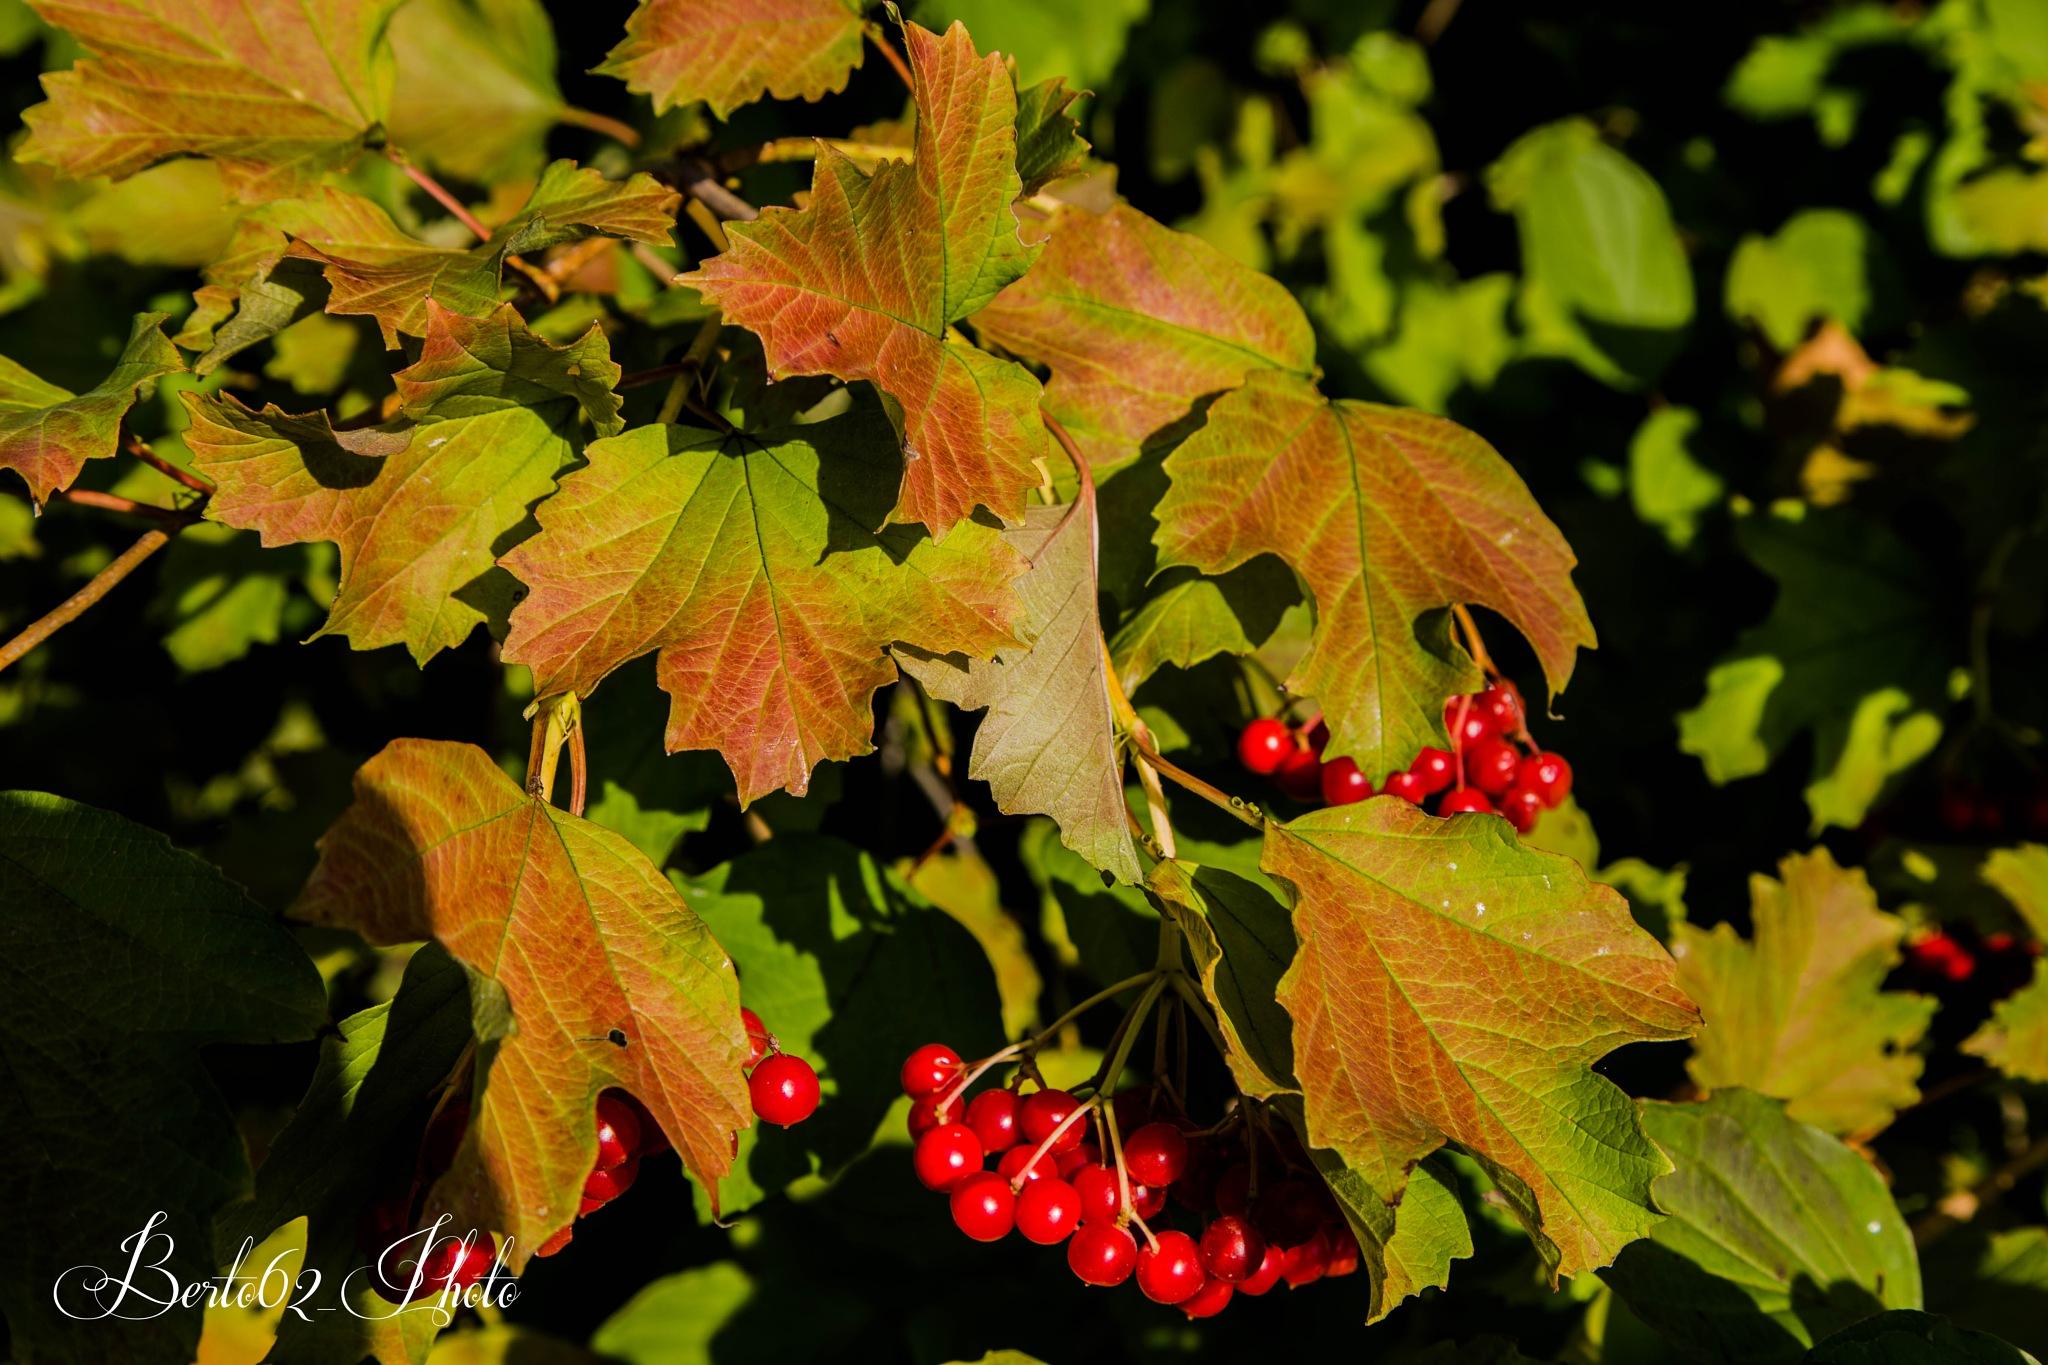 Autumn colors by Bartolomeo Scanu